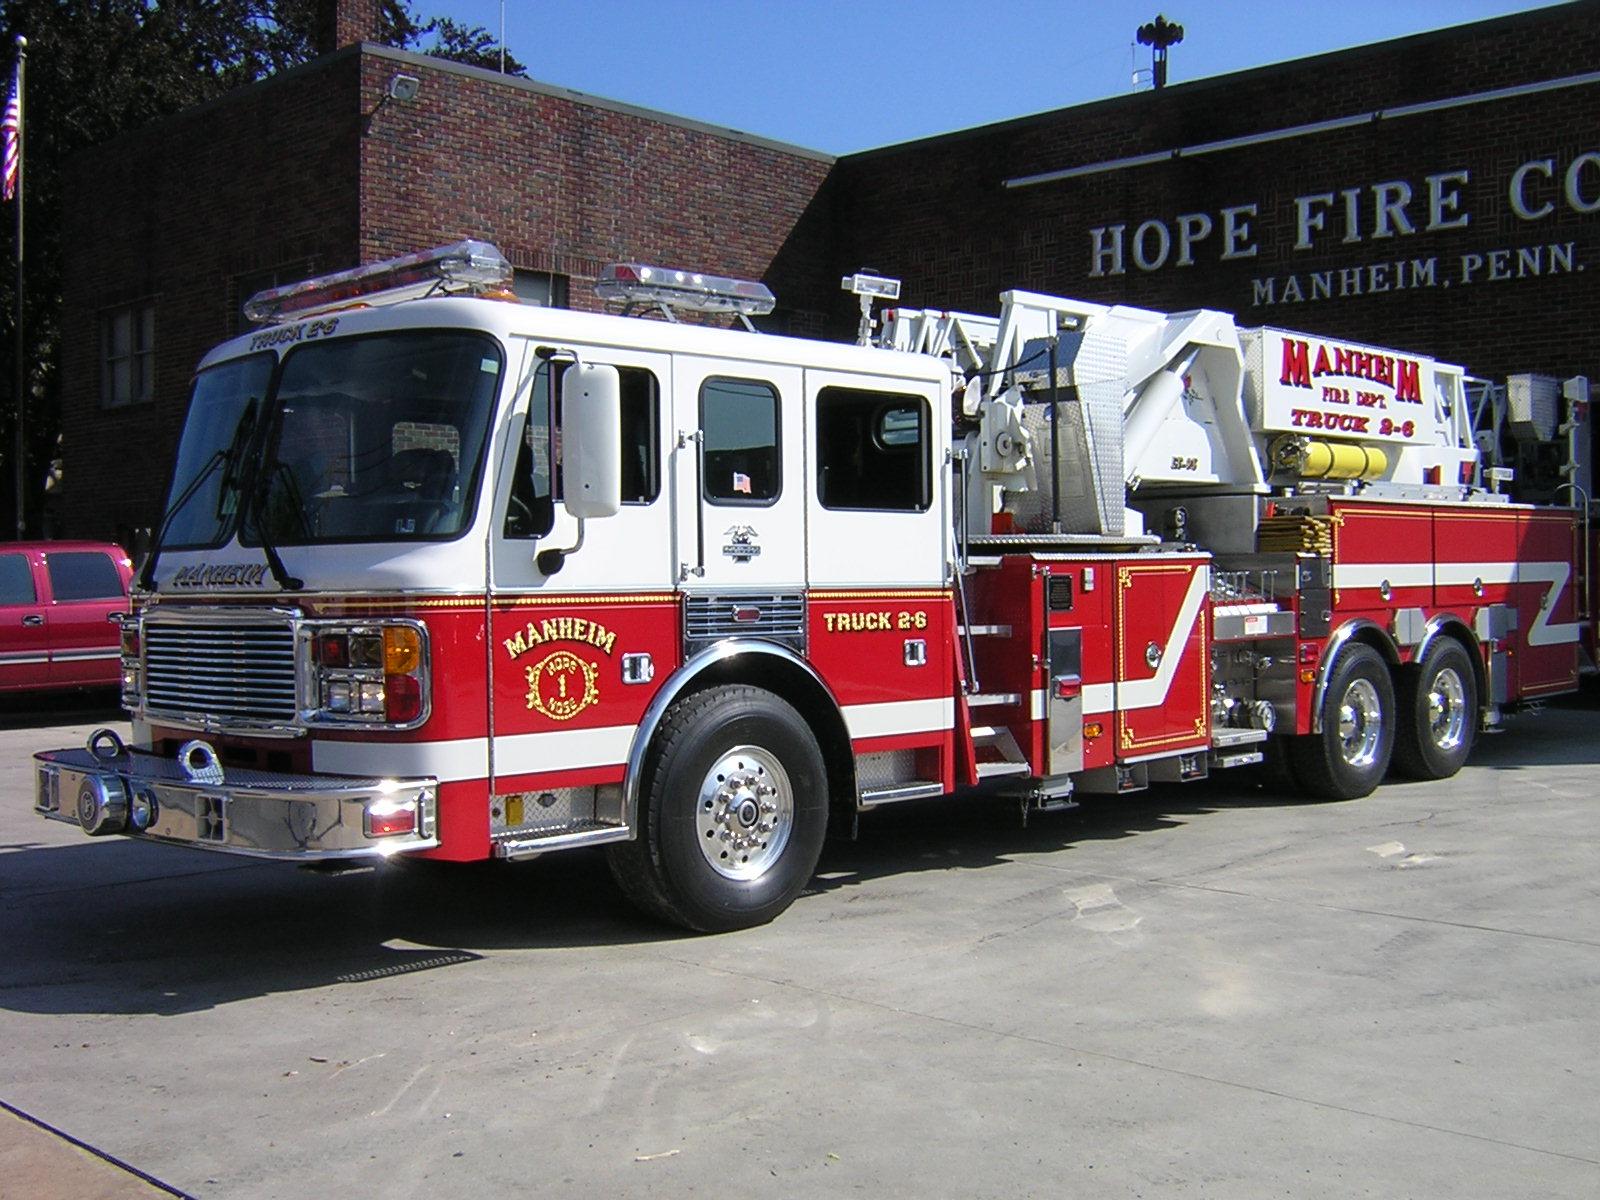 Manheim Fire Department